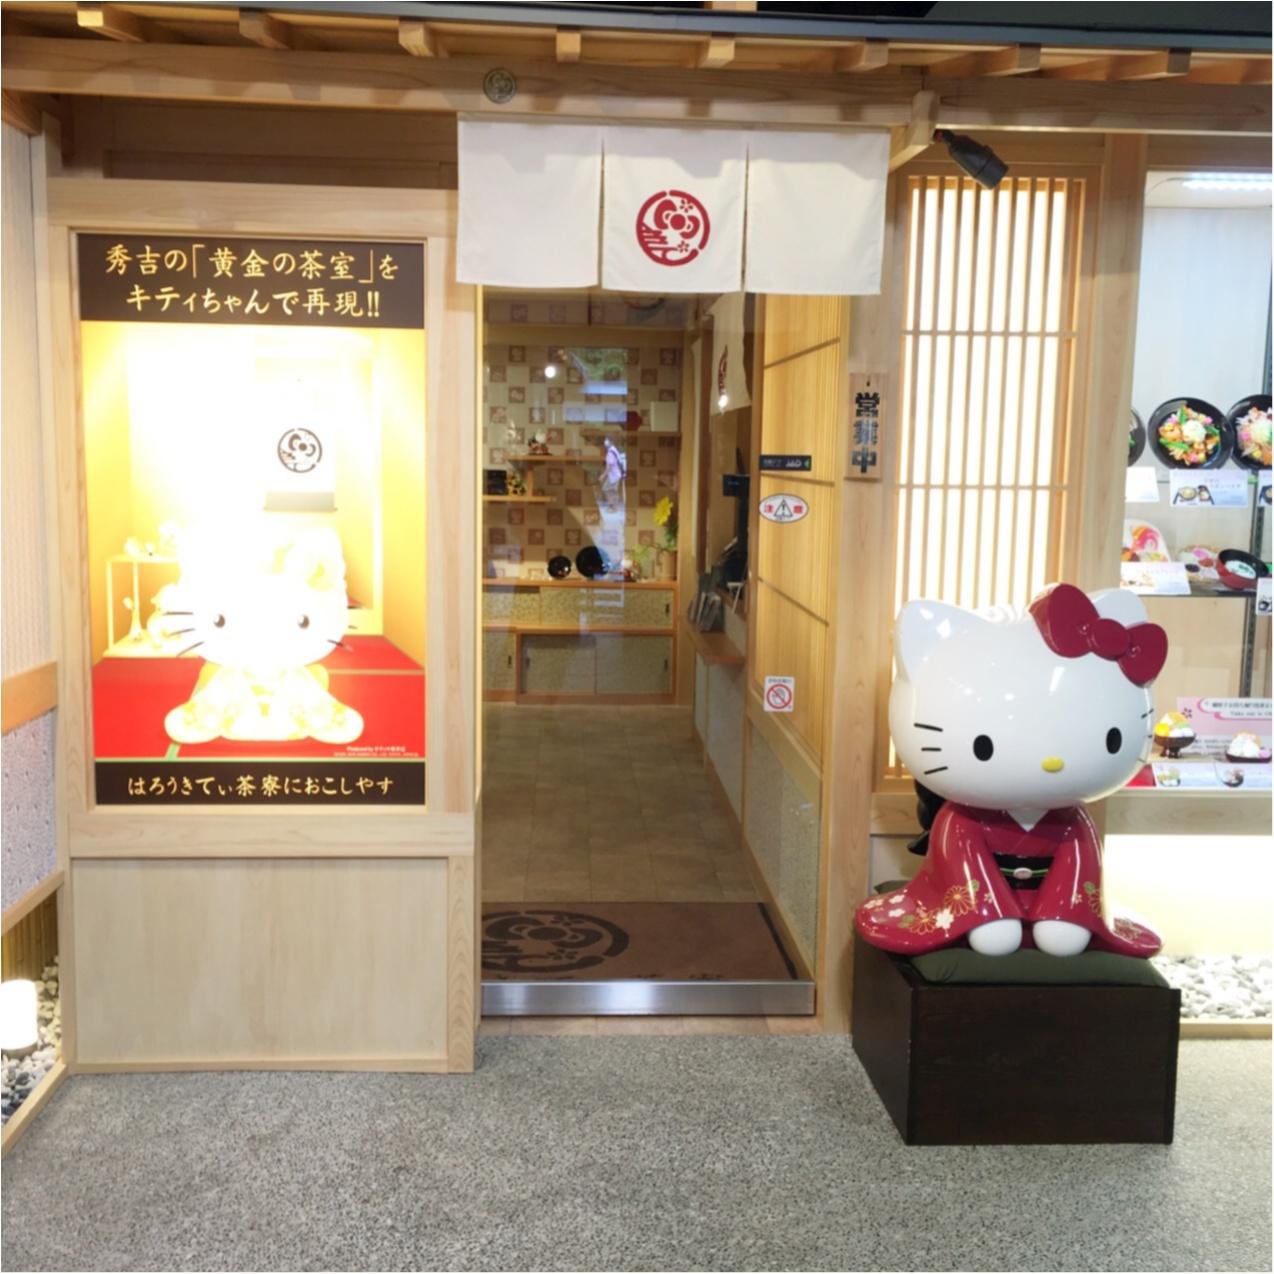 京都に行ったら行きたい♡キティづくしの『はろうきてぃ茶寮』_17